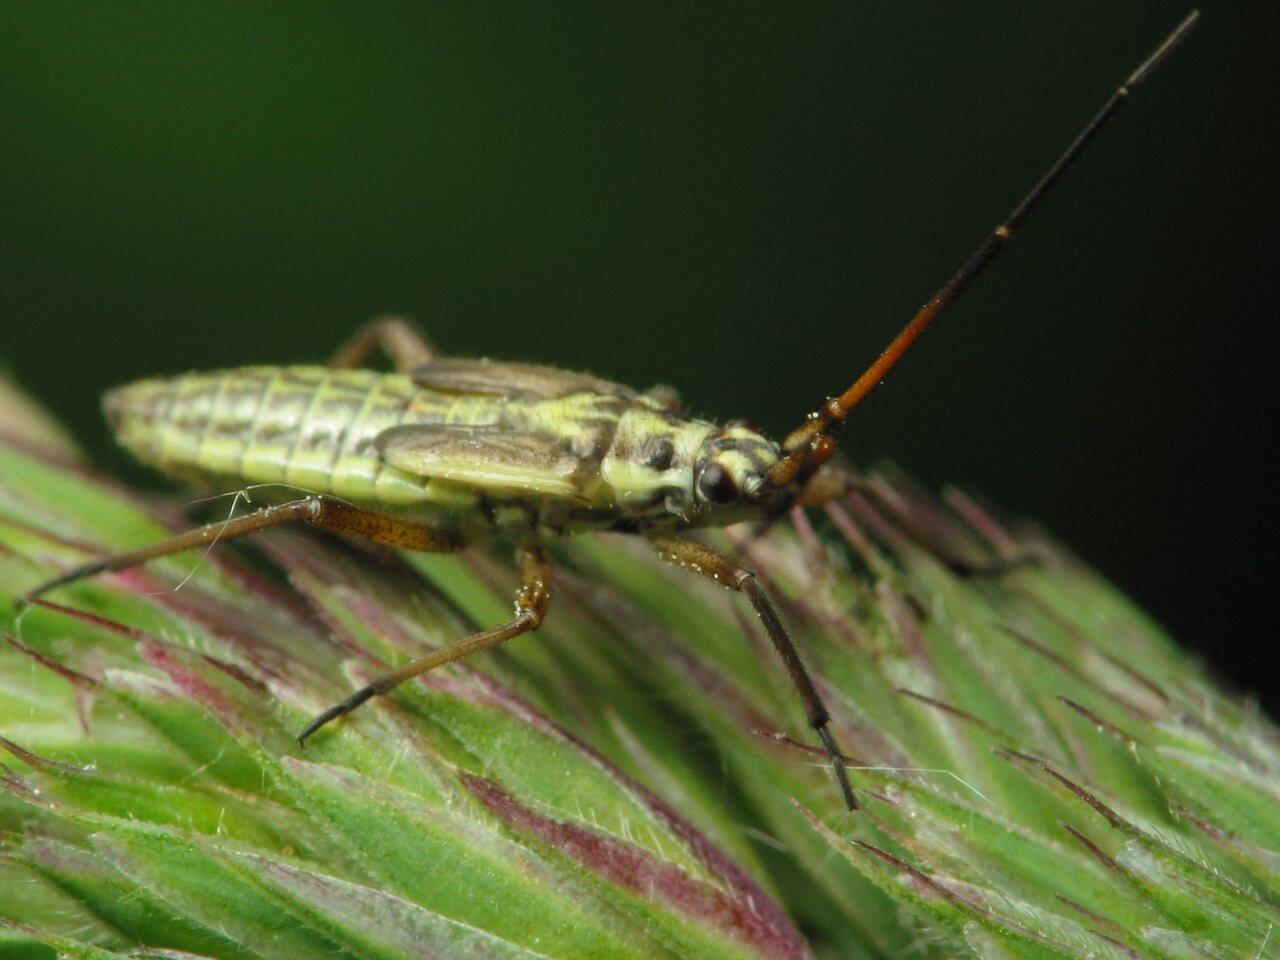 Leptopterna-dolabrata-2248.jpg